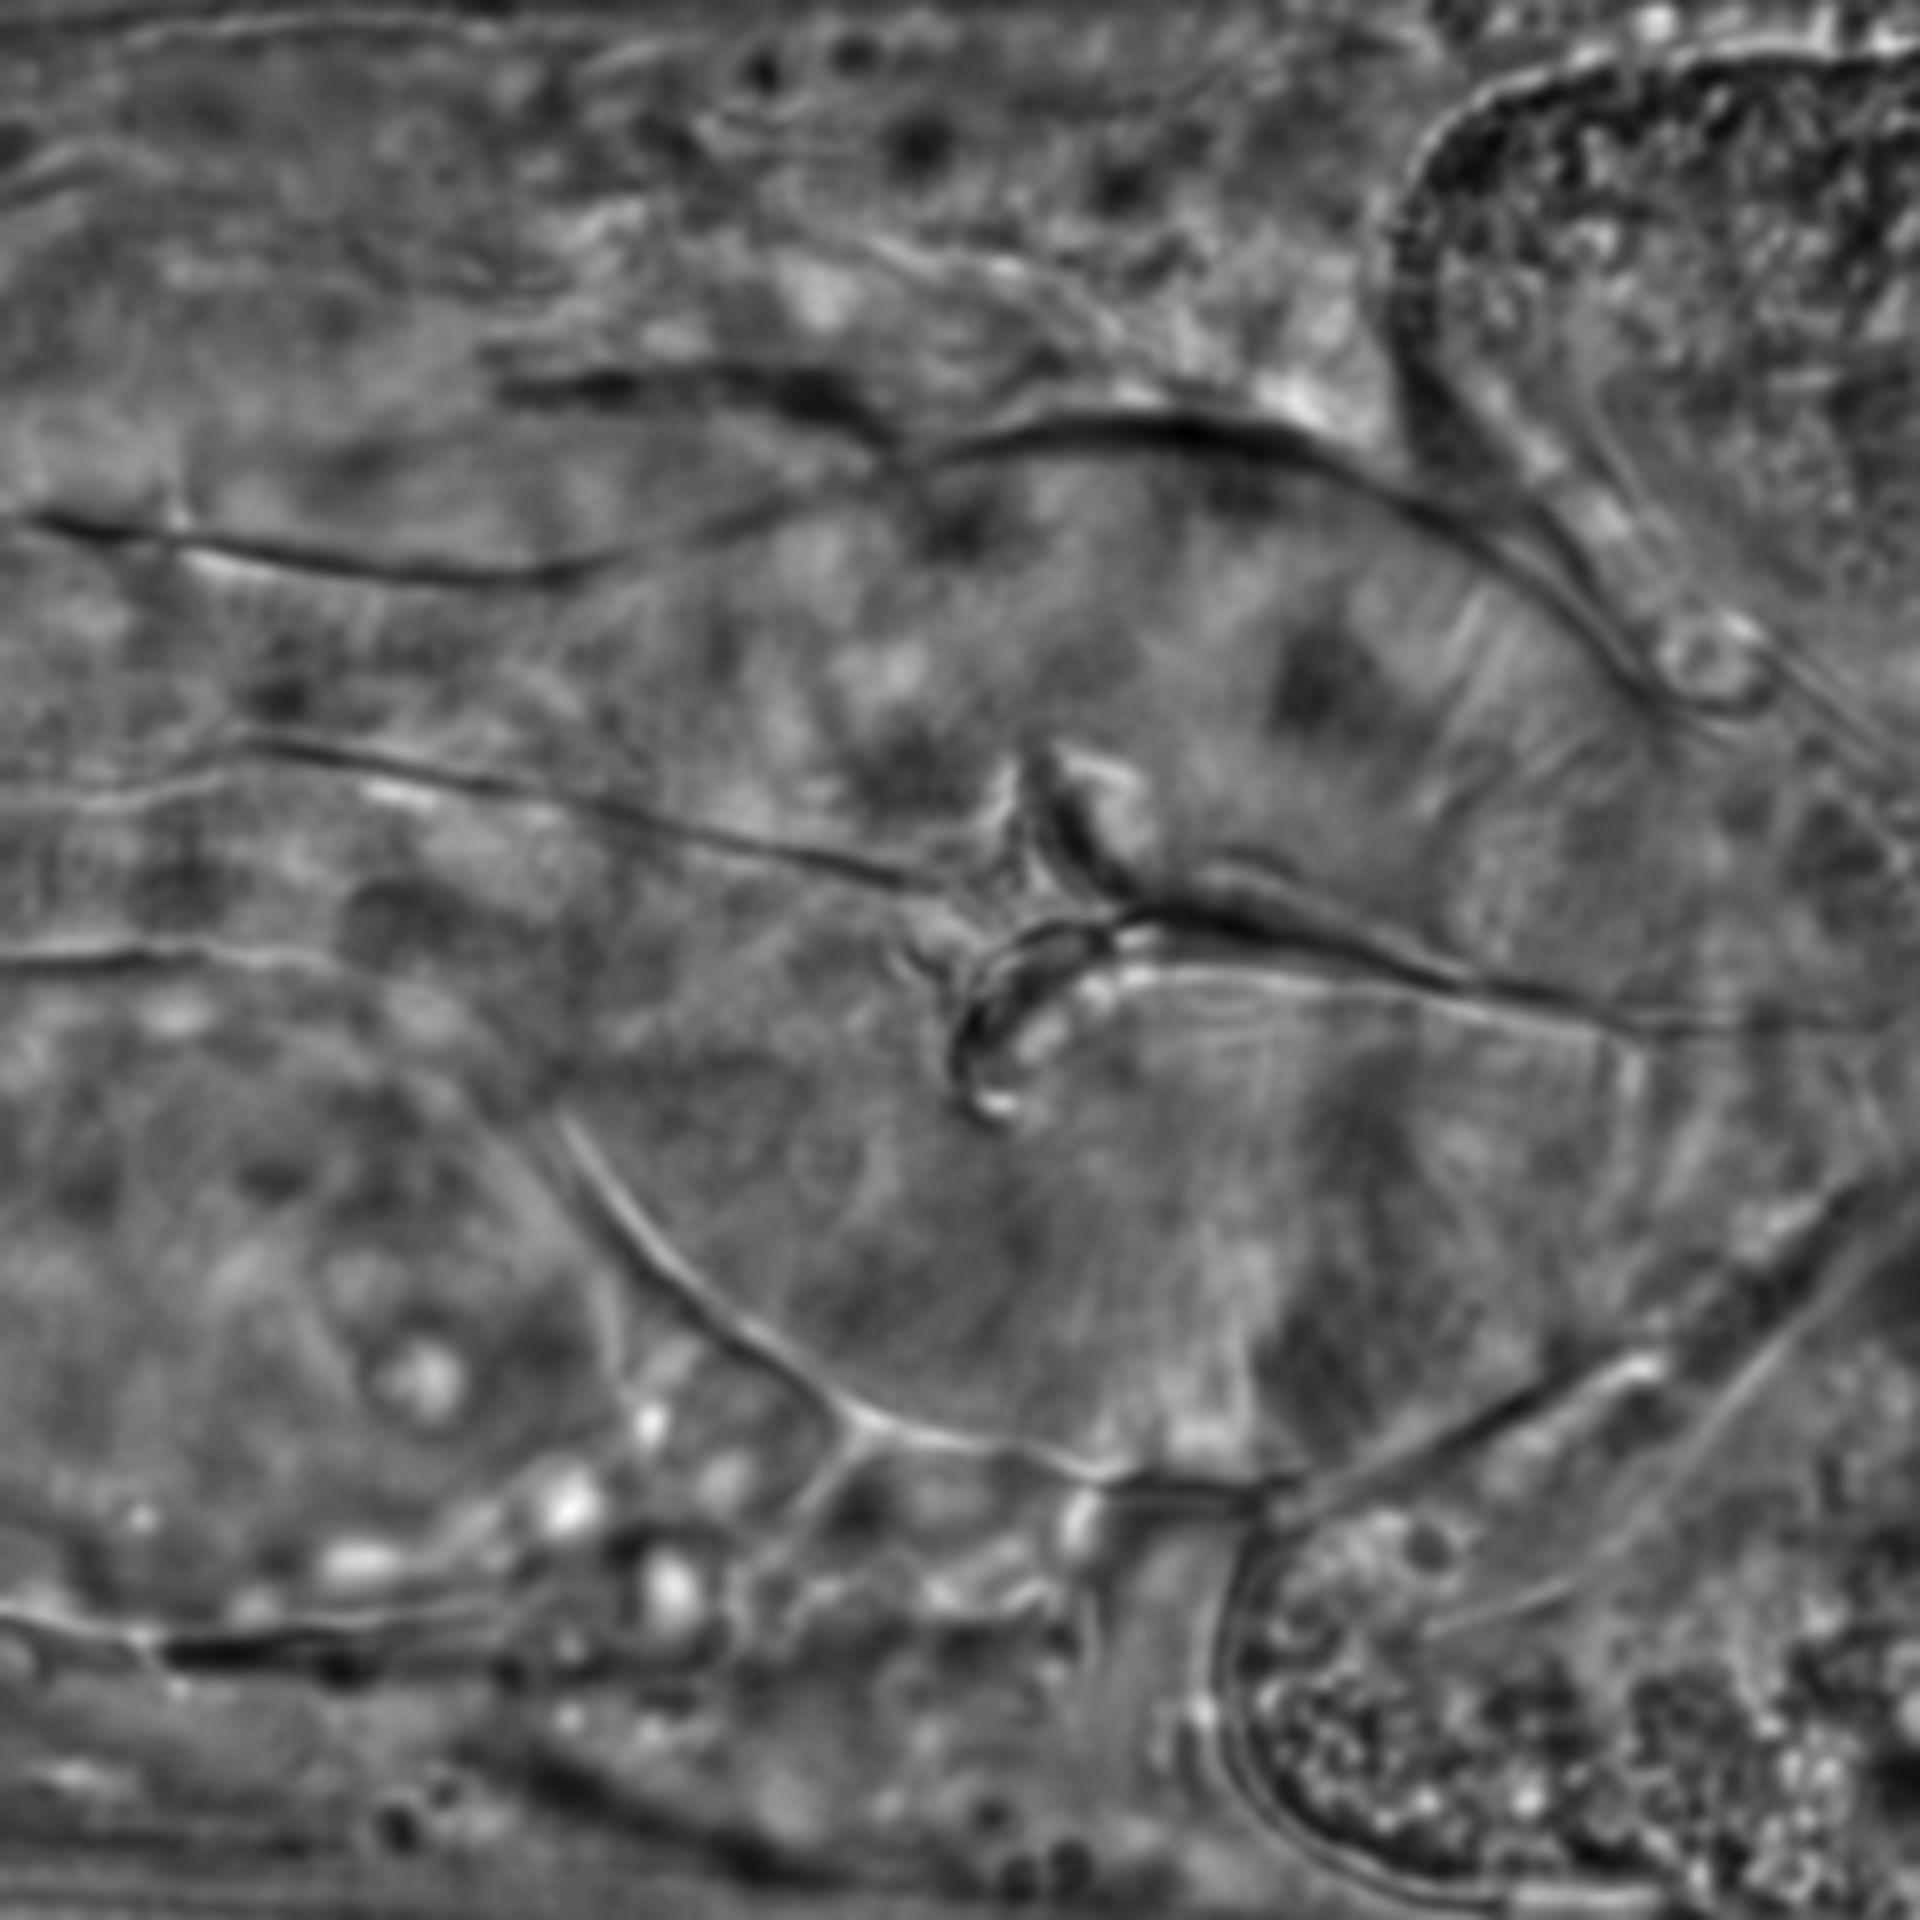 Caenorhabditis elegans - CIL:1612